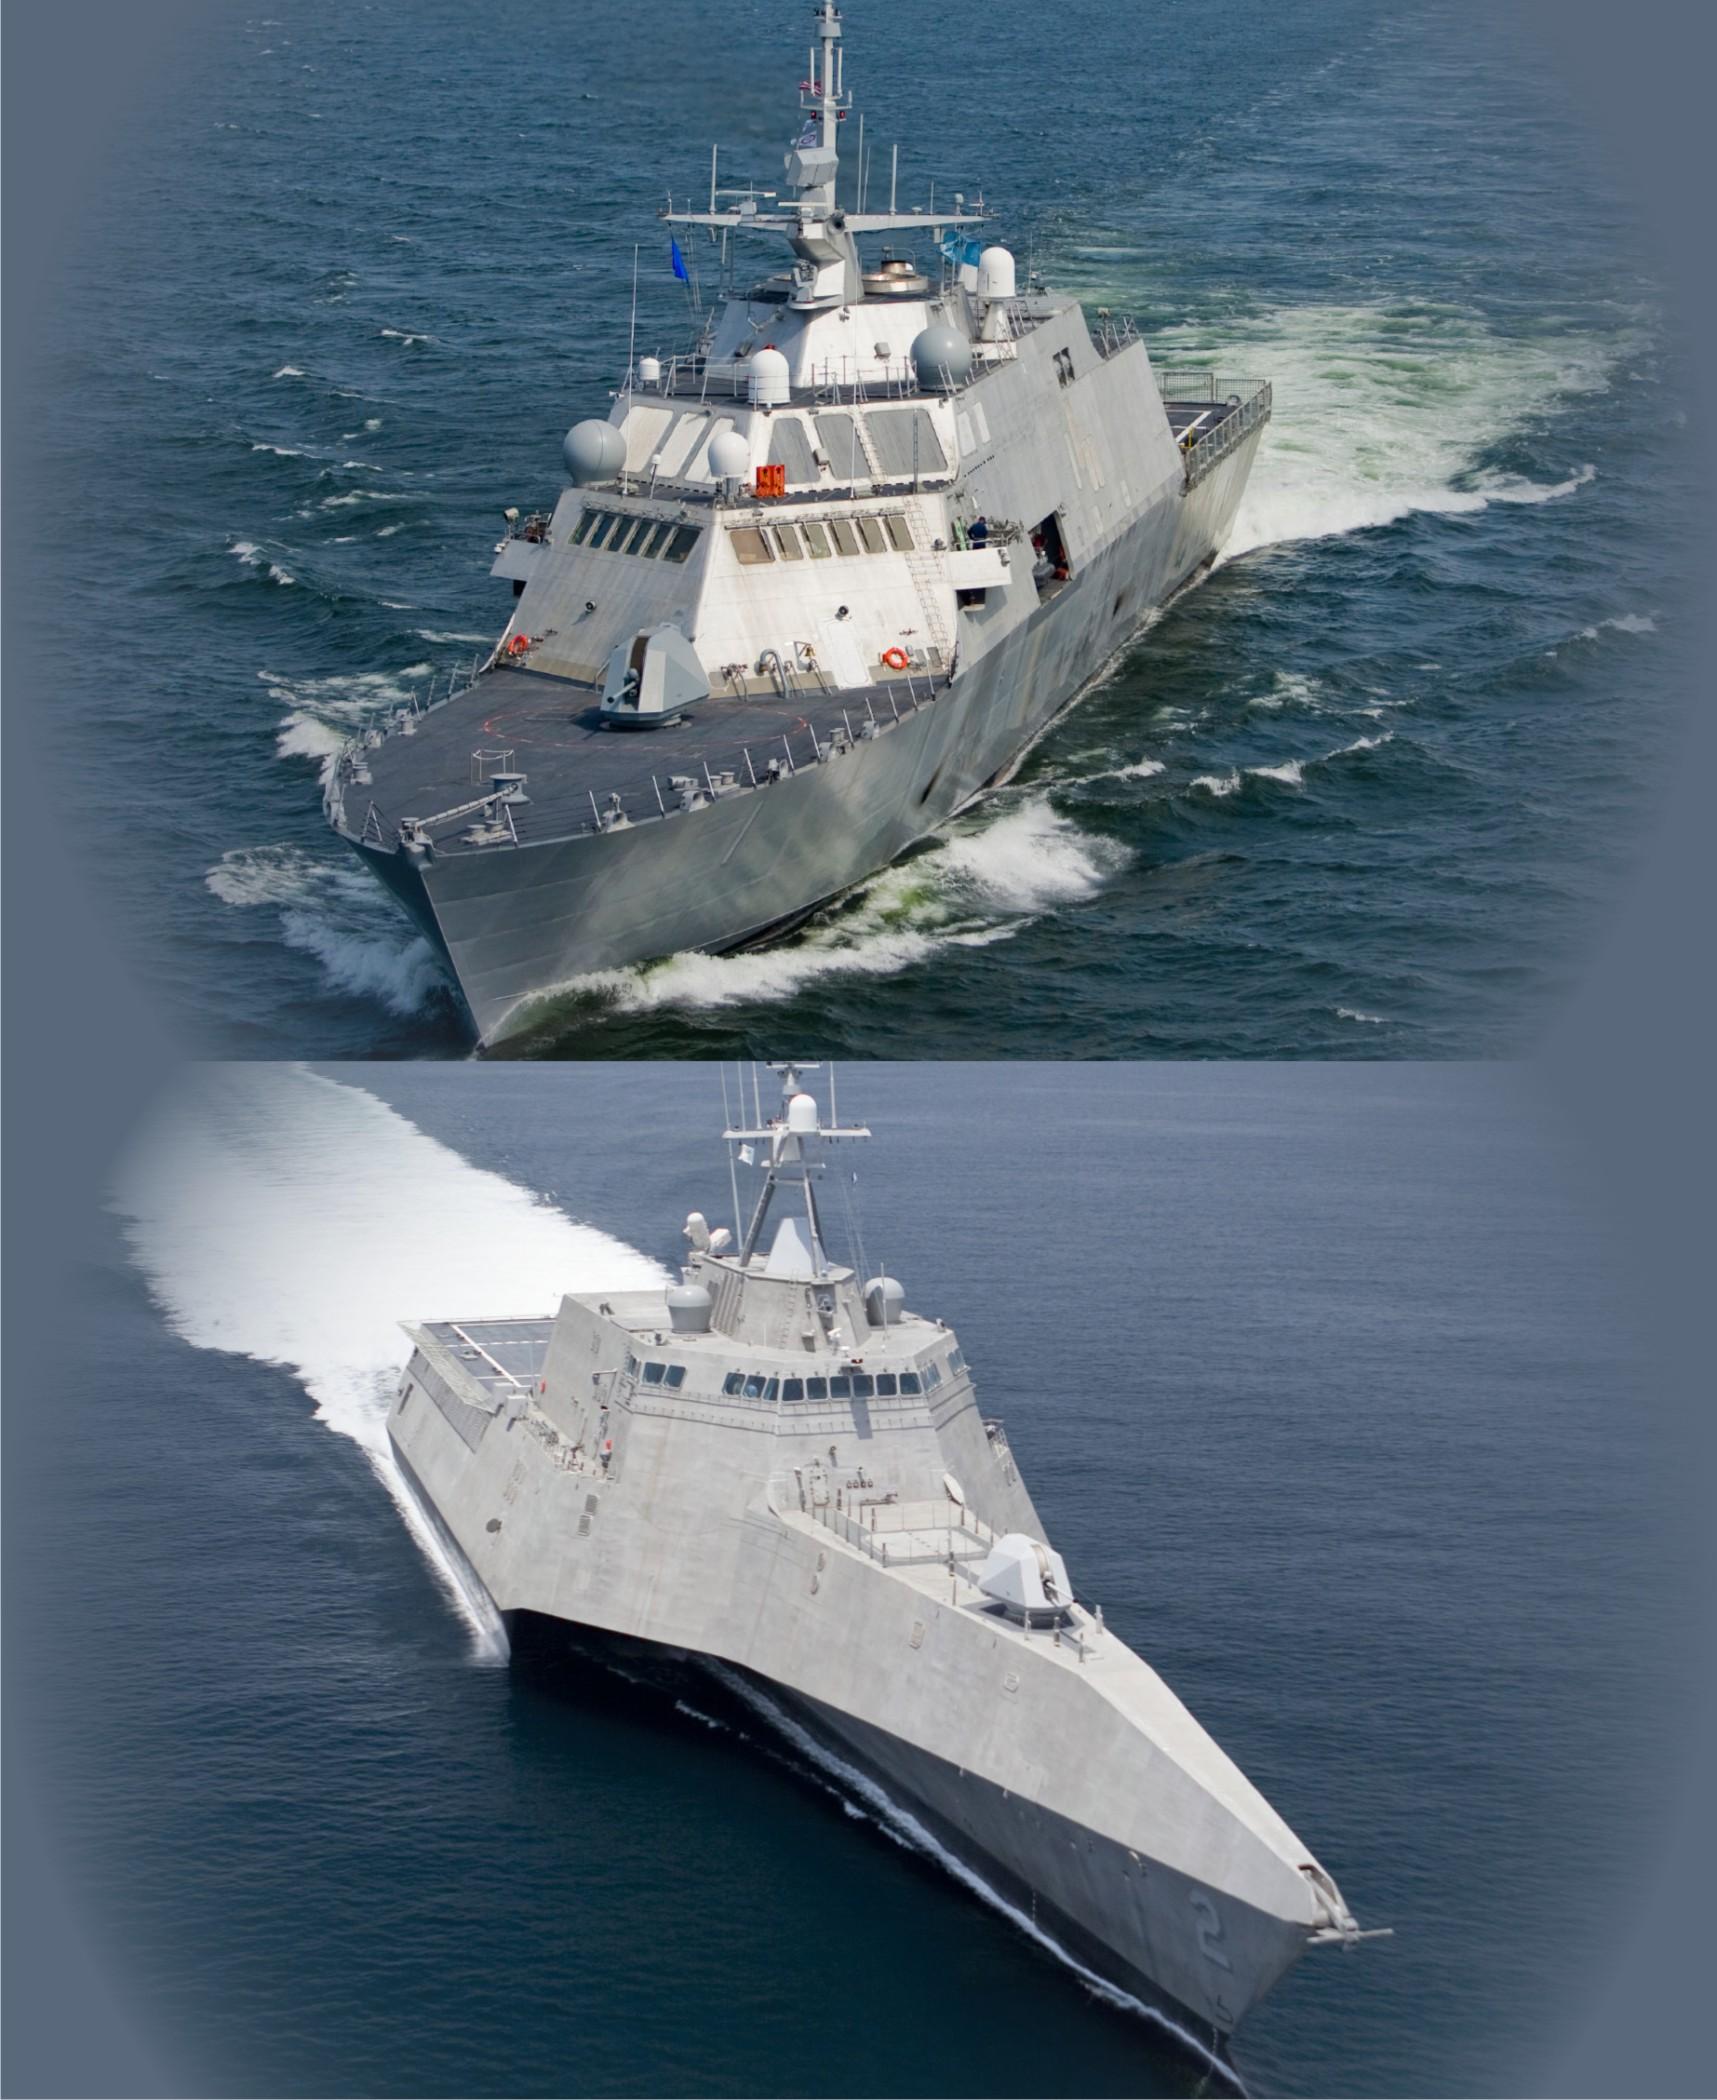 インディペンデンス (沿海域戦闘艦)の画像 p1_38